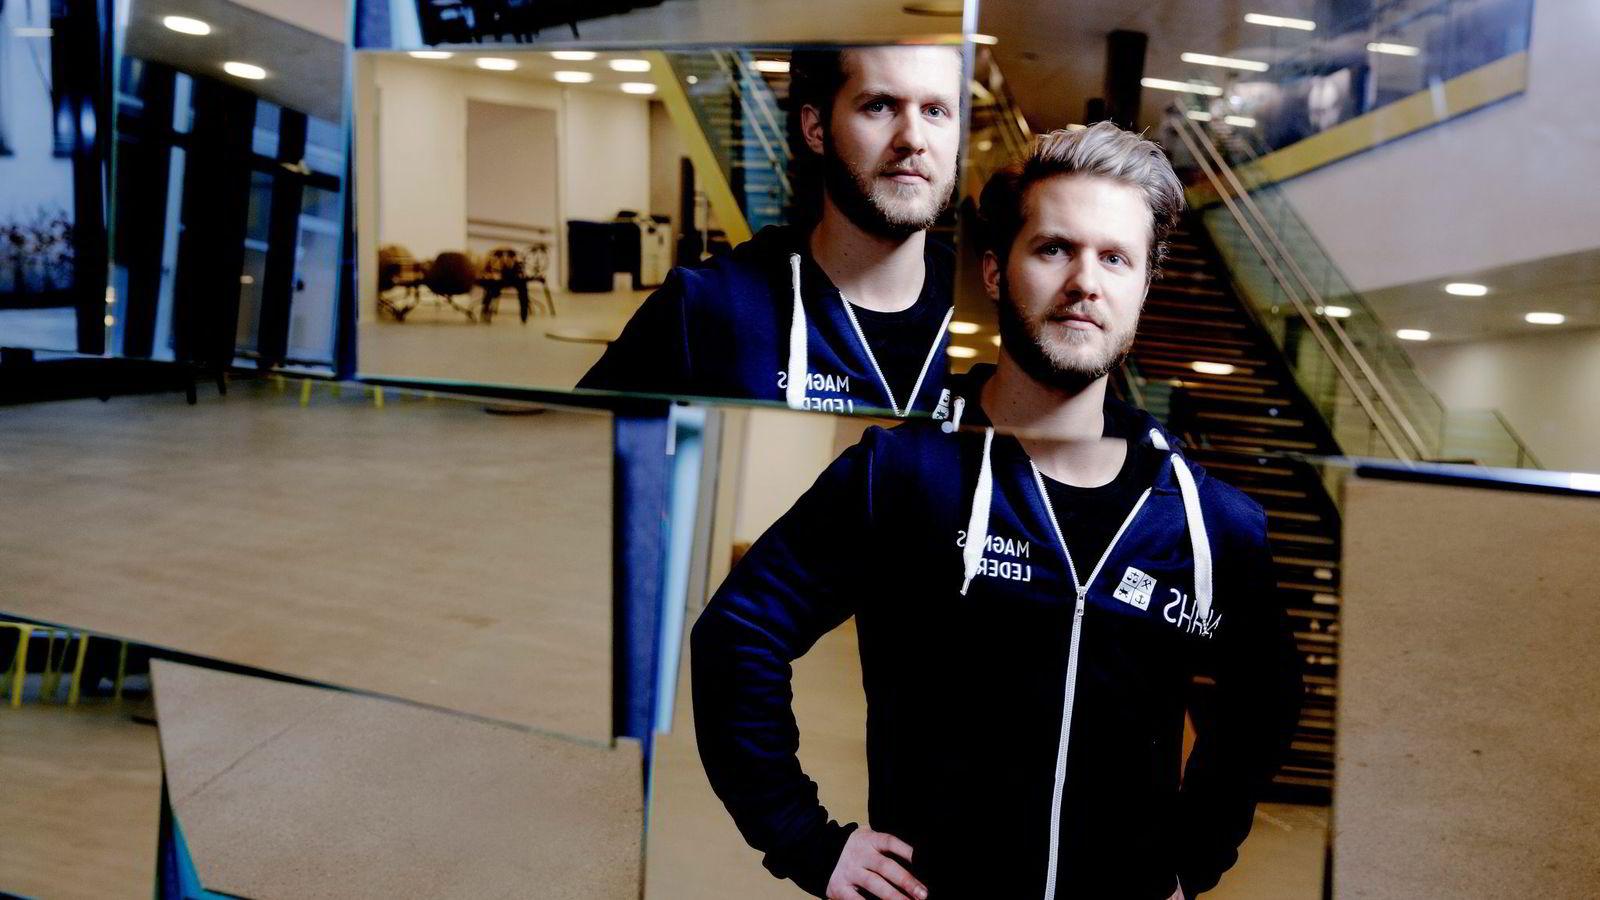 Studentleder Magnus Wirkola synes NHH innfører et rettferdig karaktersystem, men er samtidig redd for at tøffere konkurranse om toppkarakterene kan føre til høyt arbeids- og karakterpress. Foto: Paul S. Amundsen